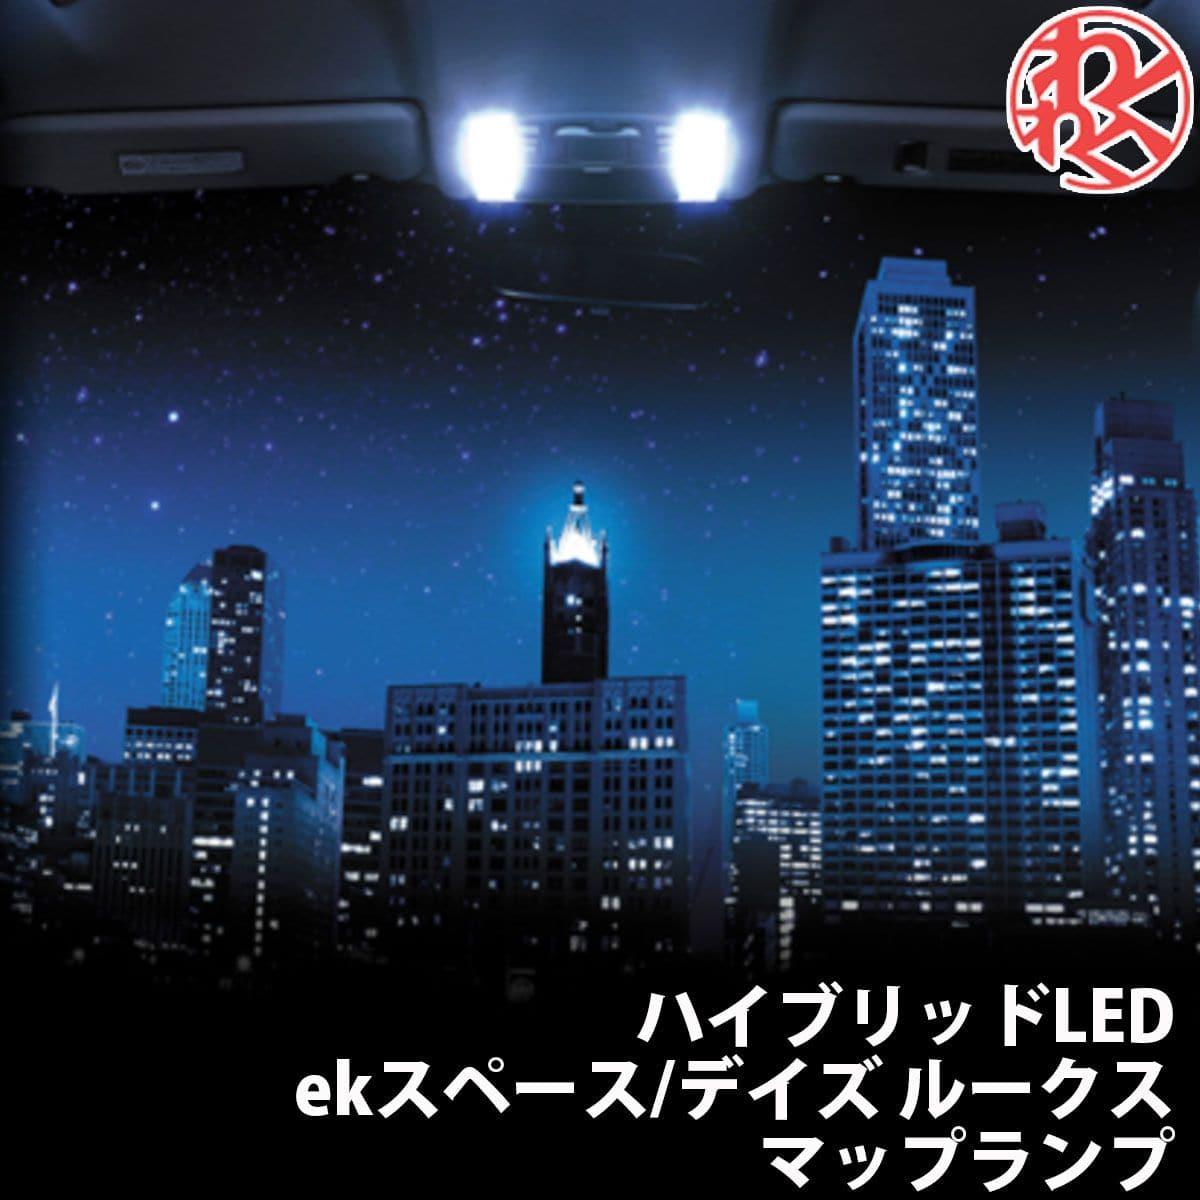 アウトレット品 K-SPEC GARAX ギャラクス ルームランプ マップランプ お洒落 ekスペース B21A デイズルークス 未使用 ハイブリッドLED B11A